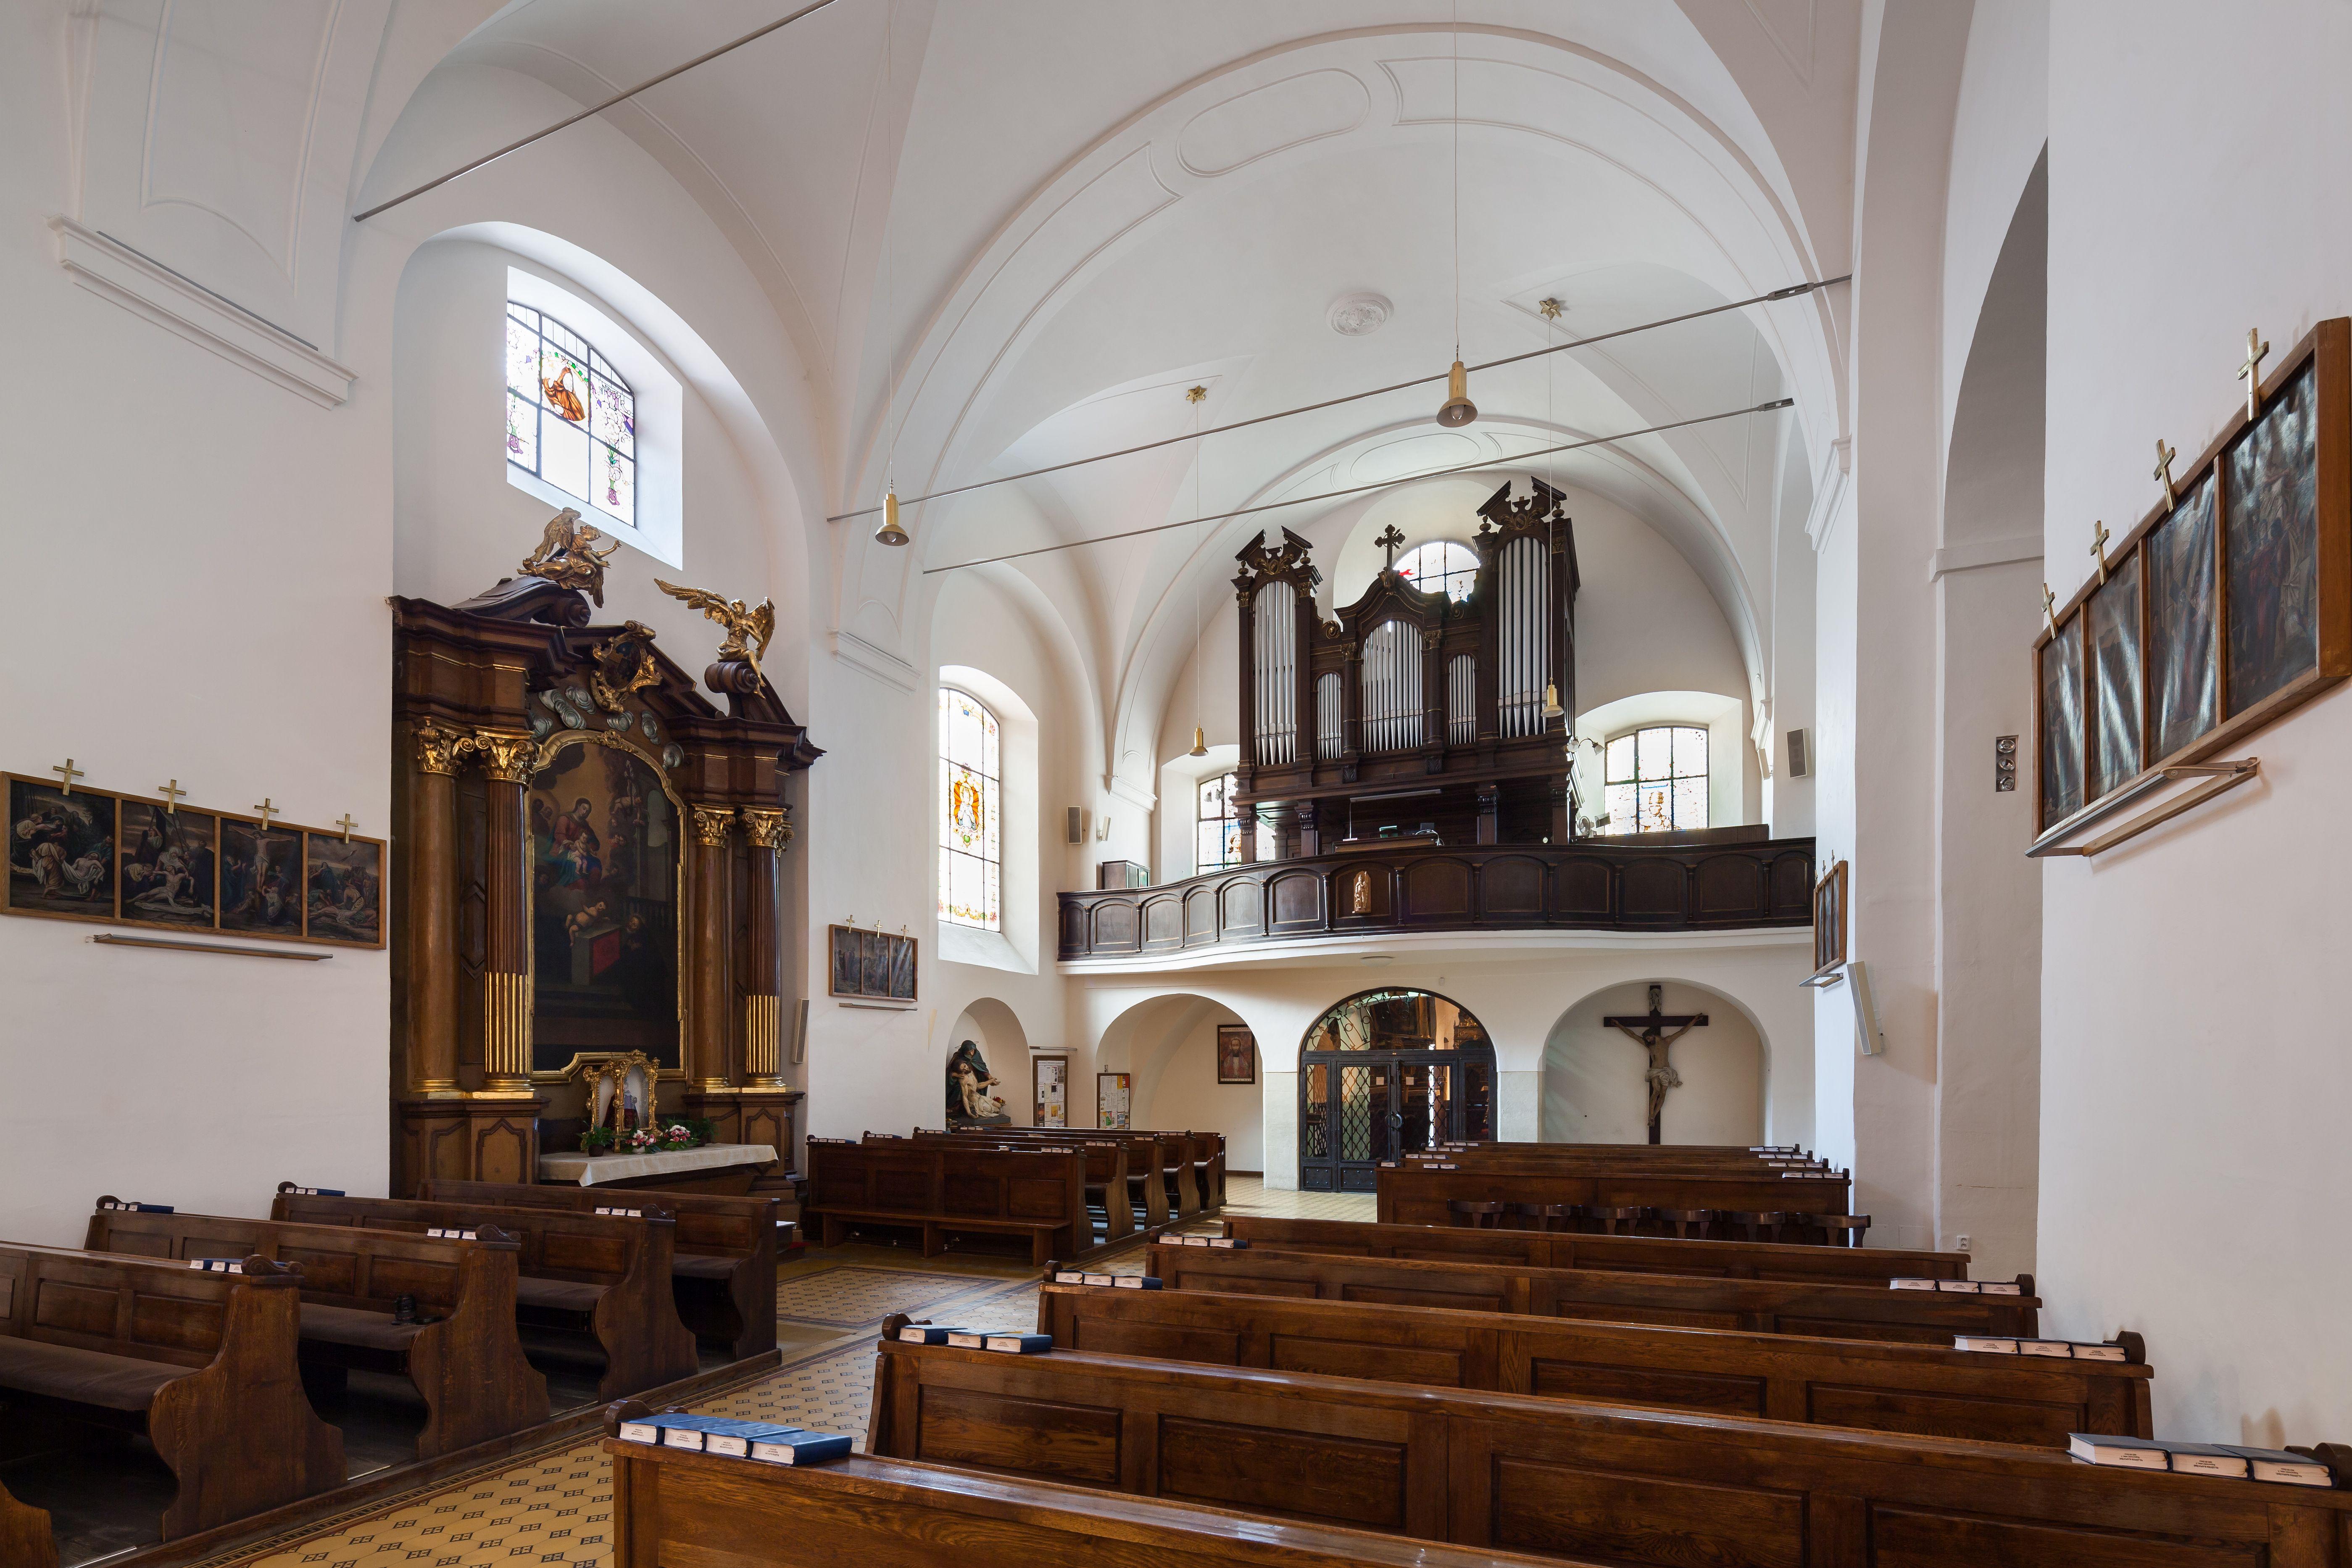 Church of Finding the Holy Cross and Capuchin Monastery (Kostel Nalezení sv. Kříže a Kapucínský klášter) in Brno